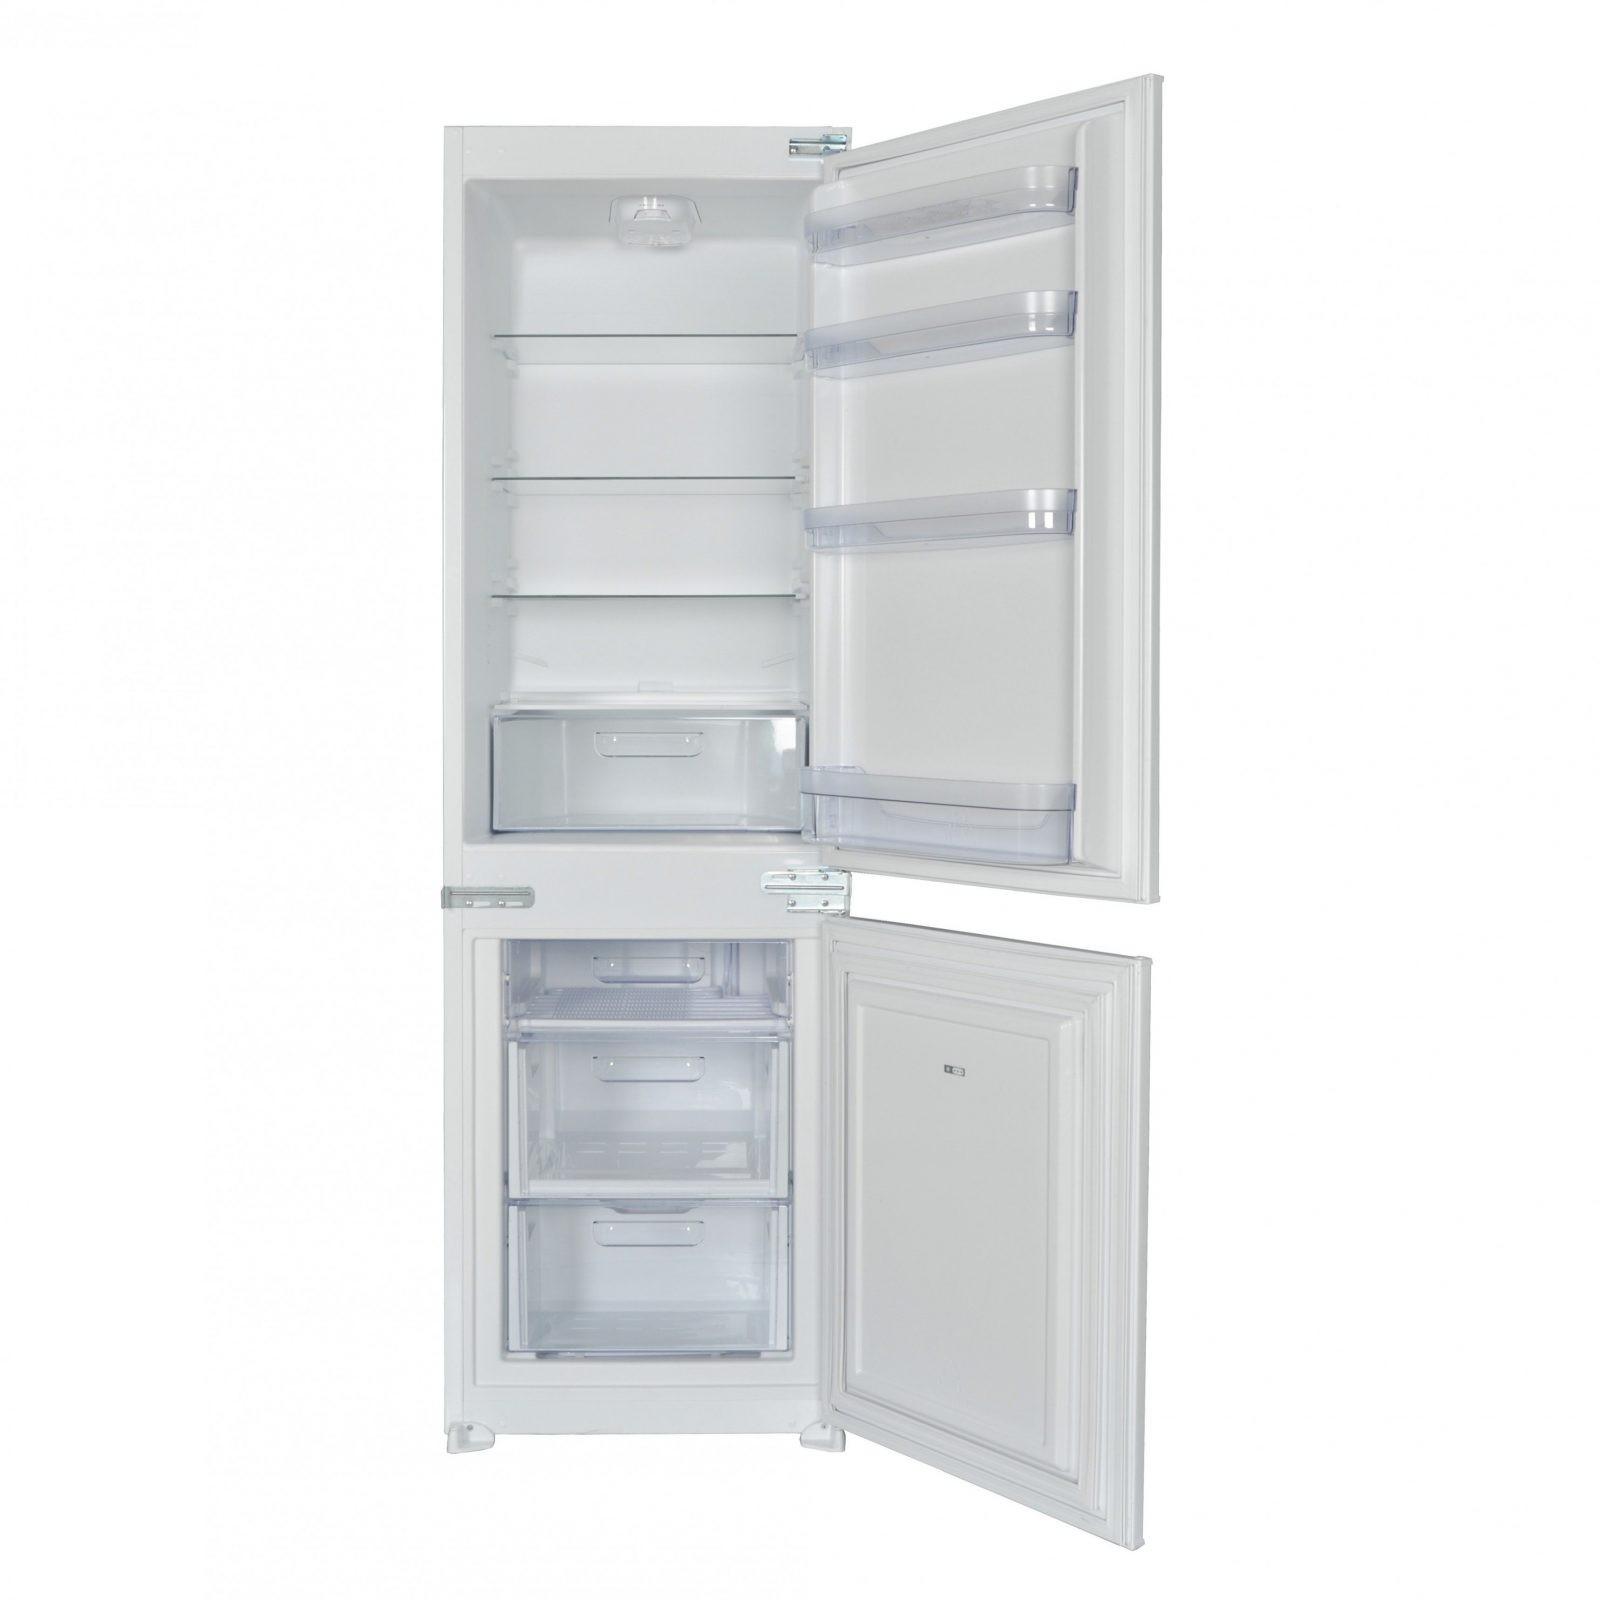 Respekta Einbau Kühlschrank Kühl Kombi Kombination Gefrierschrank von Einbaukühlschrank Ohne Gefrierfach 178 Cm Bild